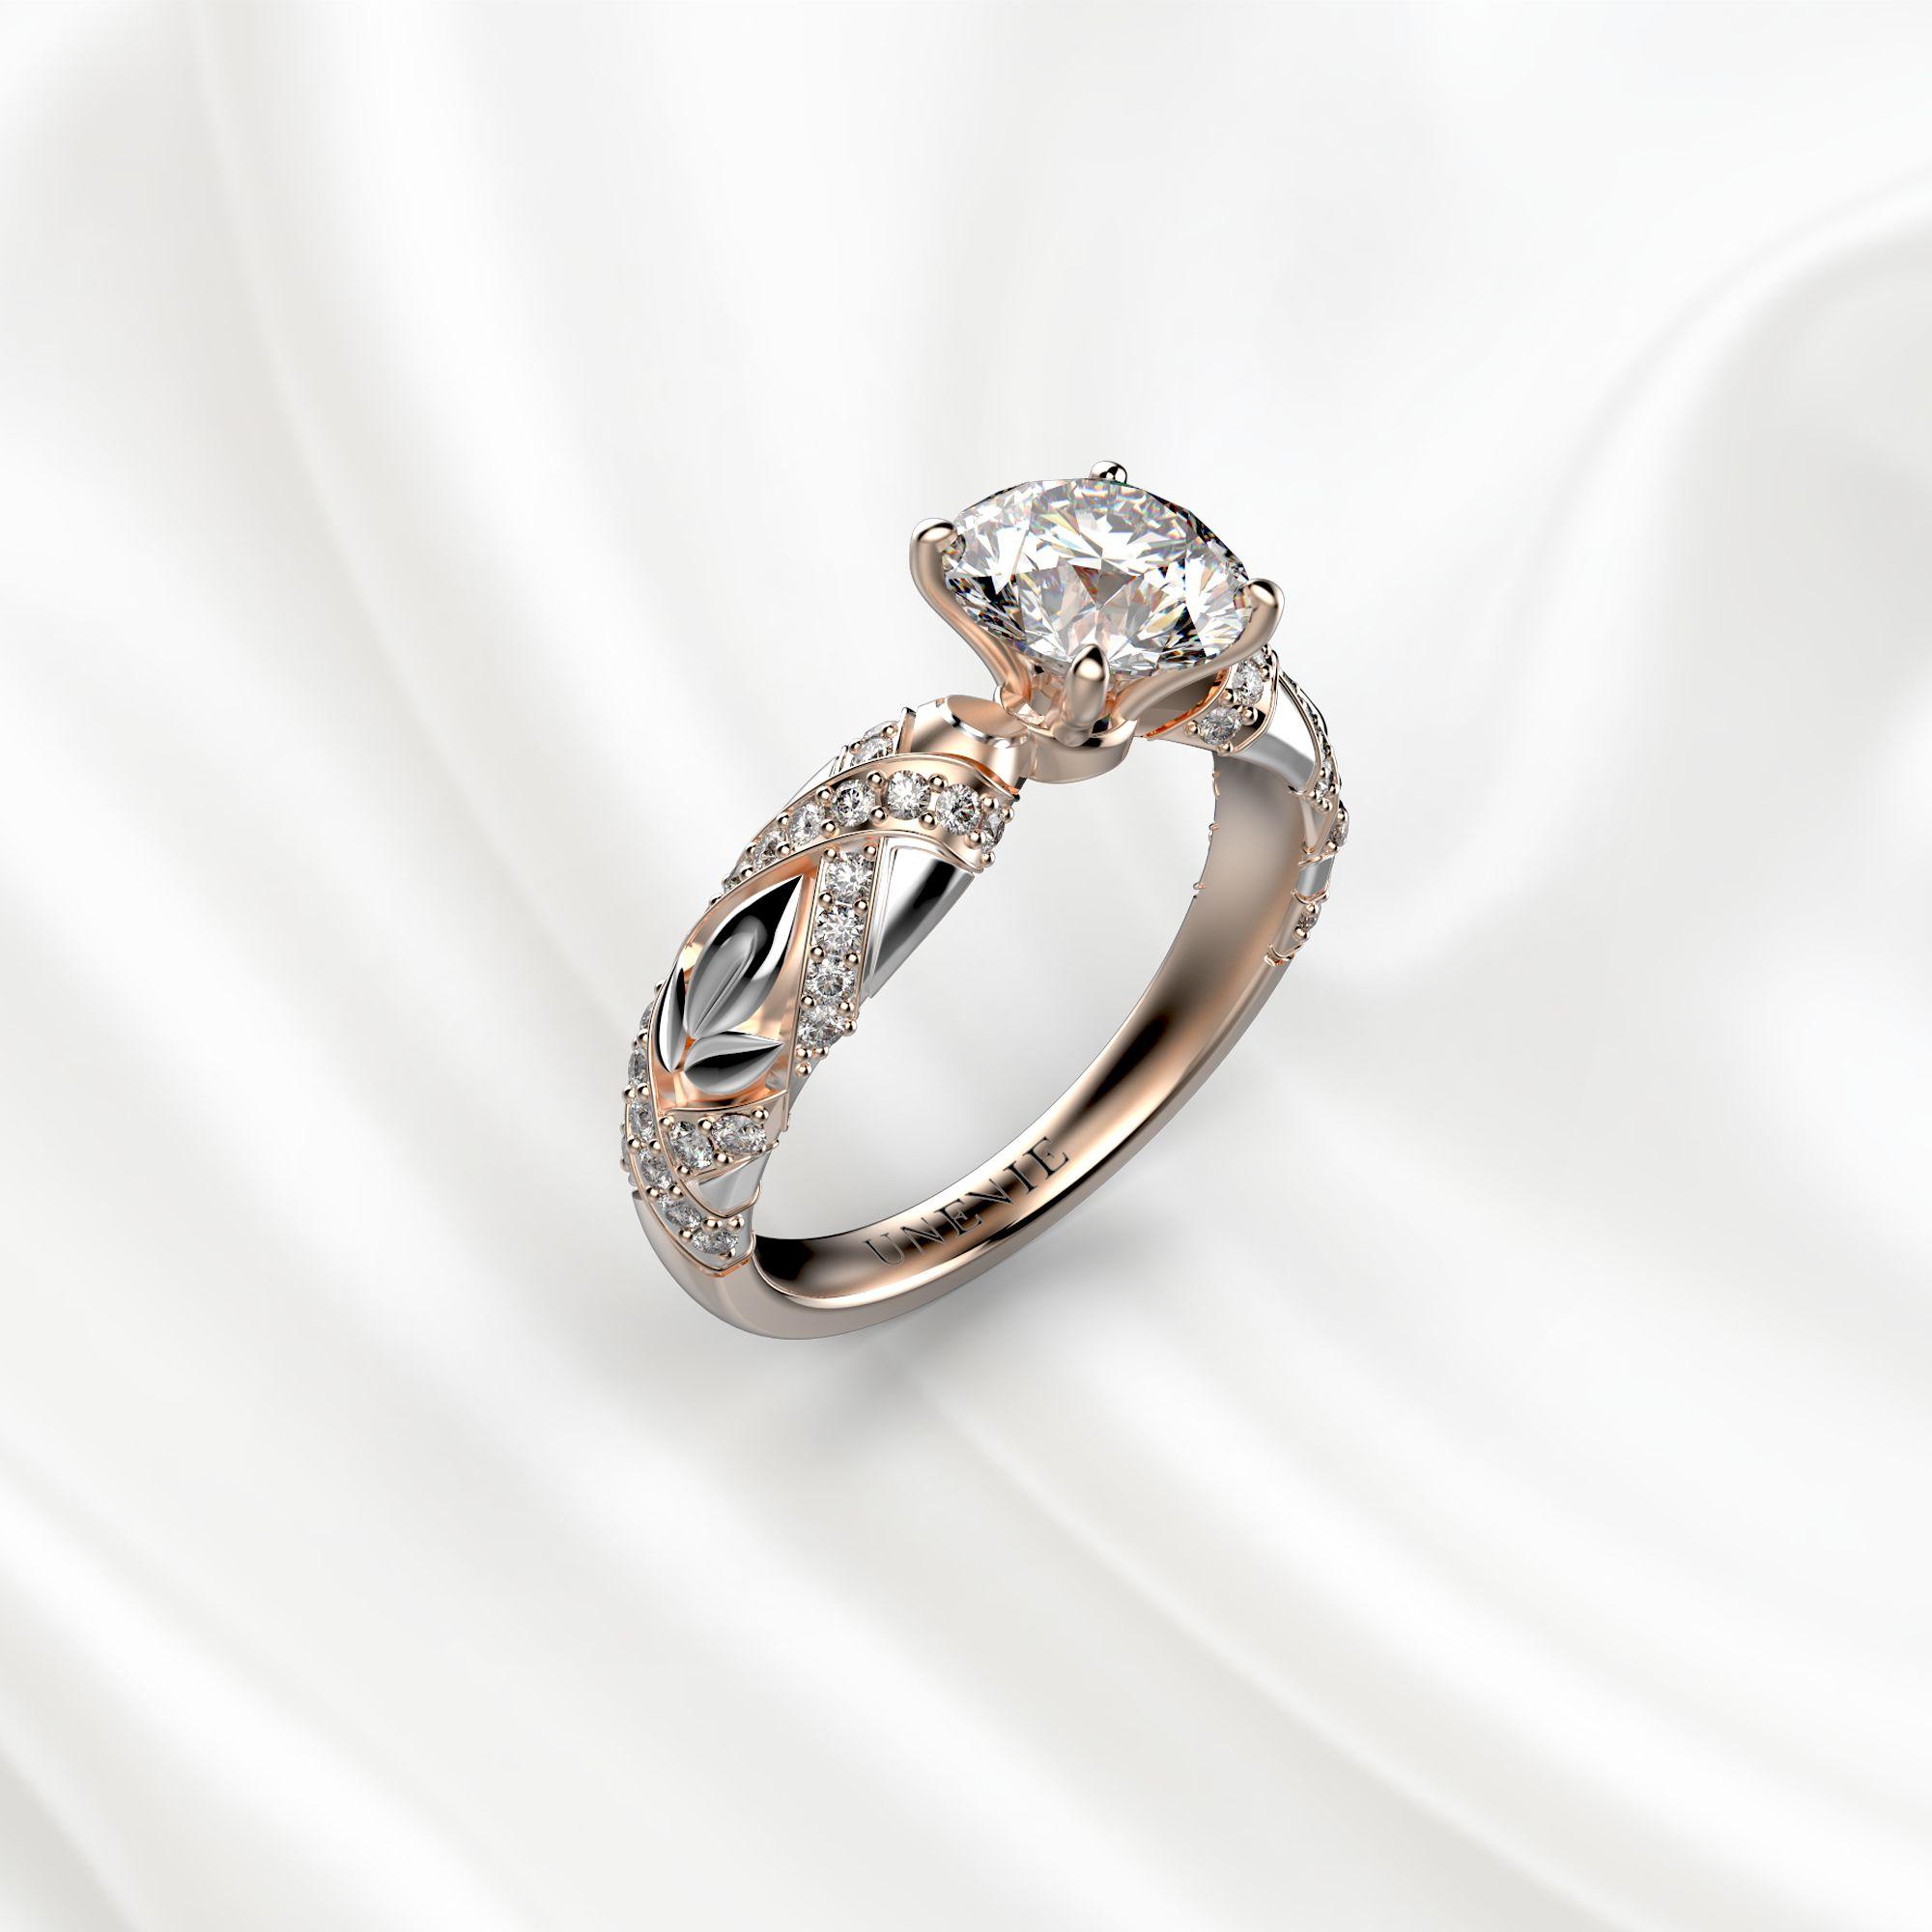 N17 Помолвочное кольцо из розово-белого золота c 51 бриллиантом